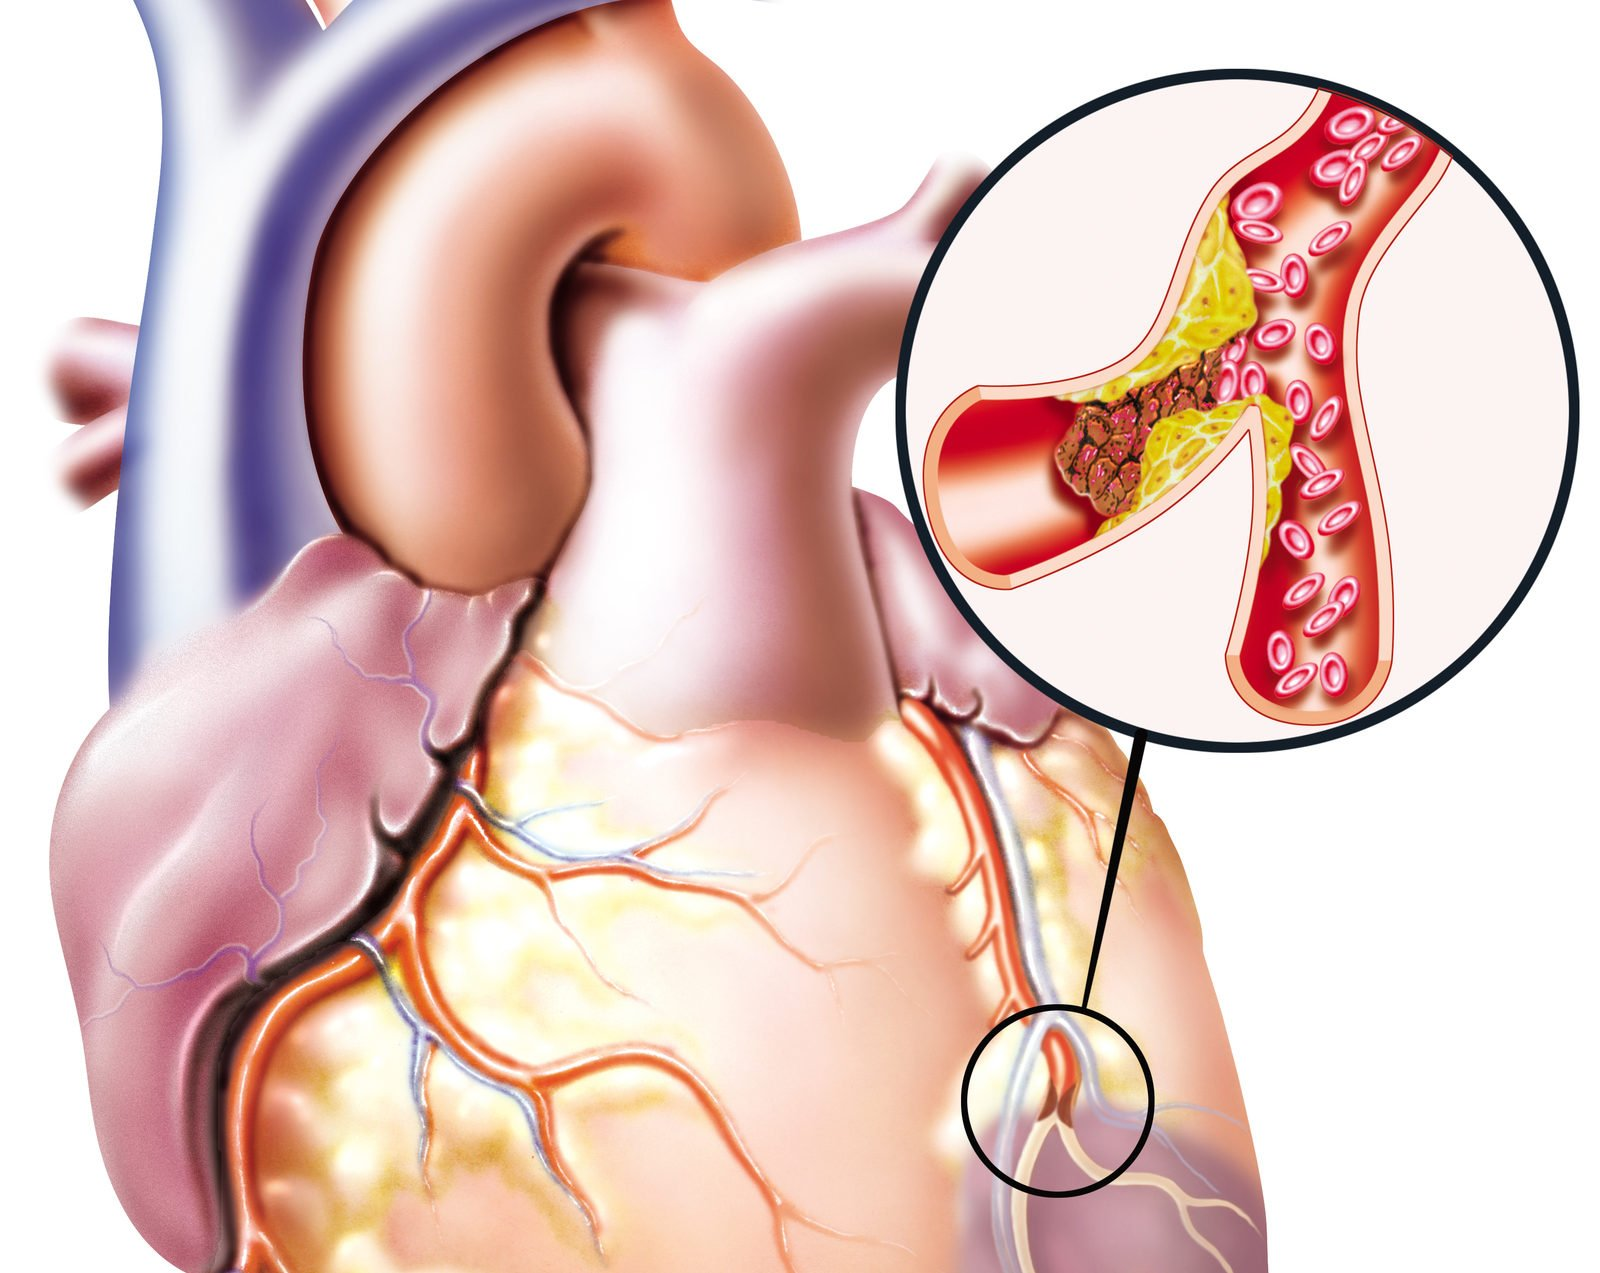 Развитие атеросклероза делится на три основные стадии